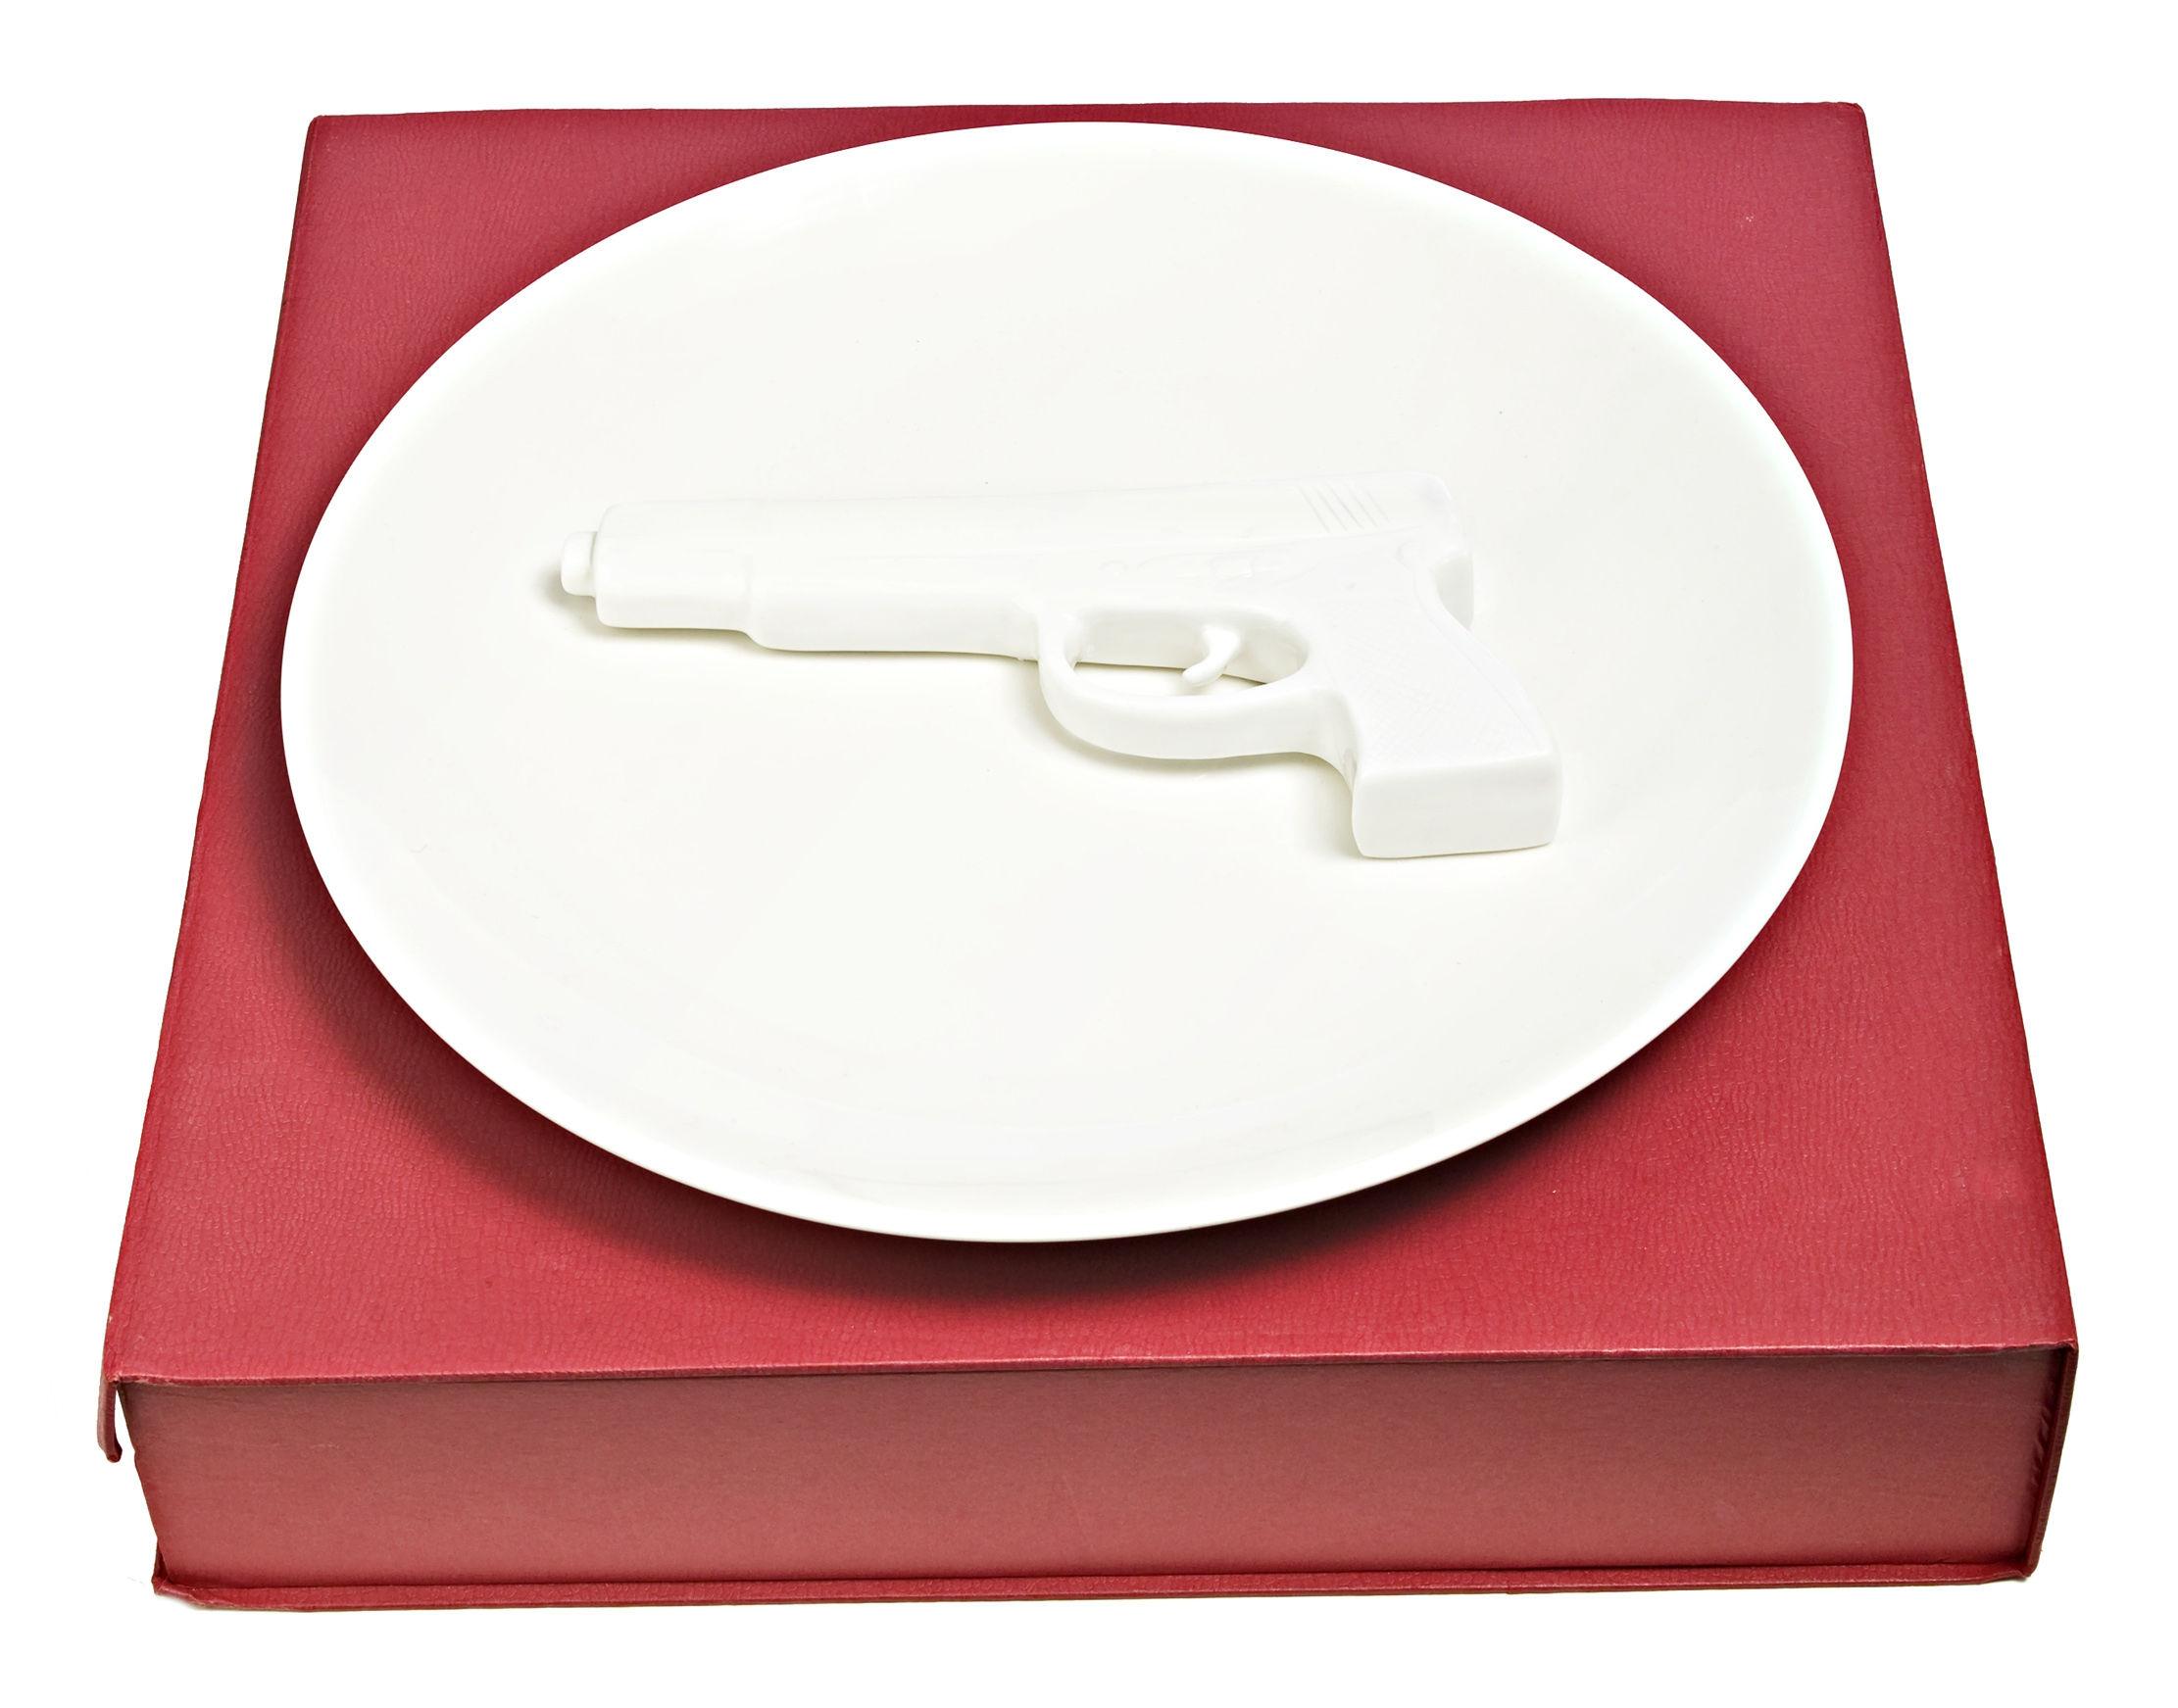 Tischkultur - Teller - Gun Servierplatte mit Revolvermotiv - Ø 40 cm - Pols Potten - Revolvermotiv - weiß - Porcelaine vernie